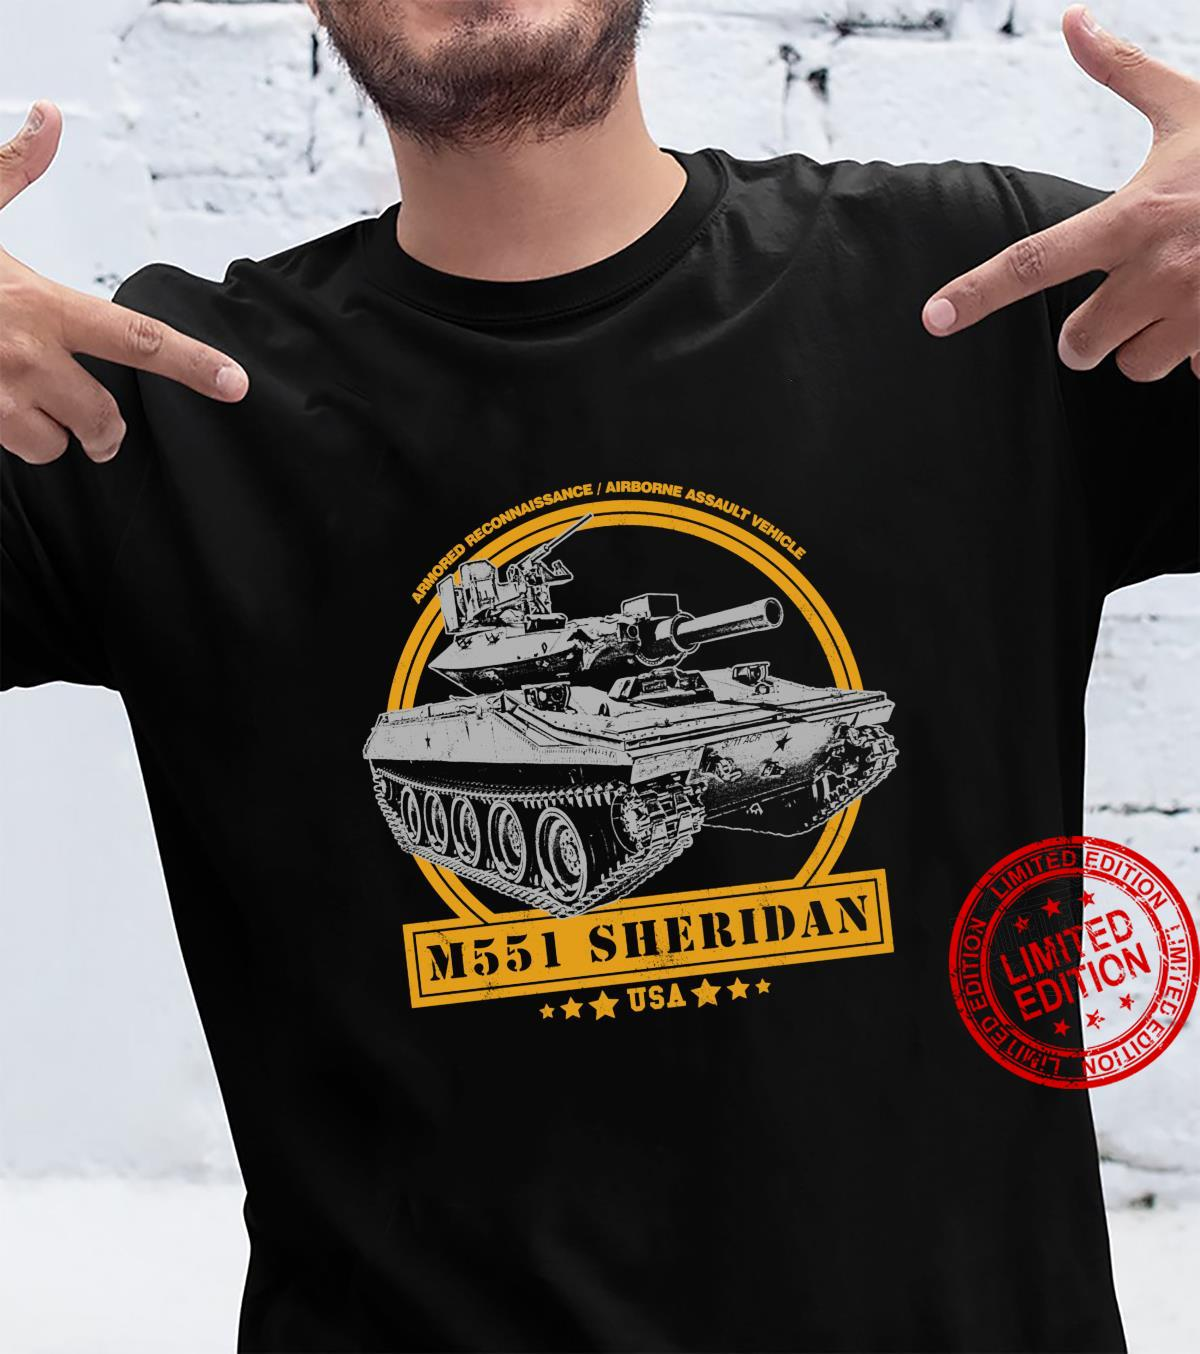 M551 Sheridan Shirt